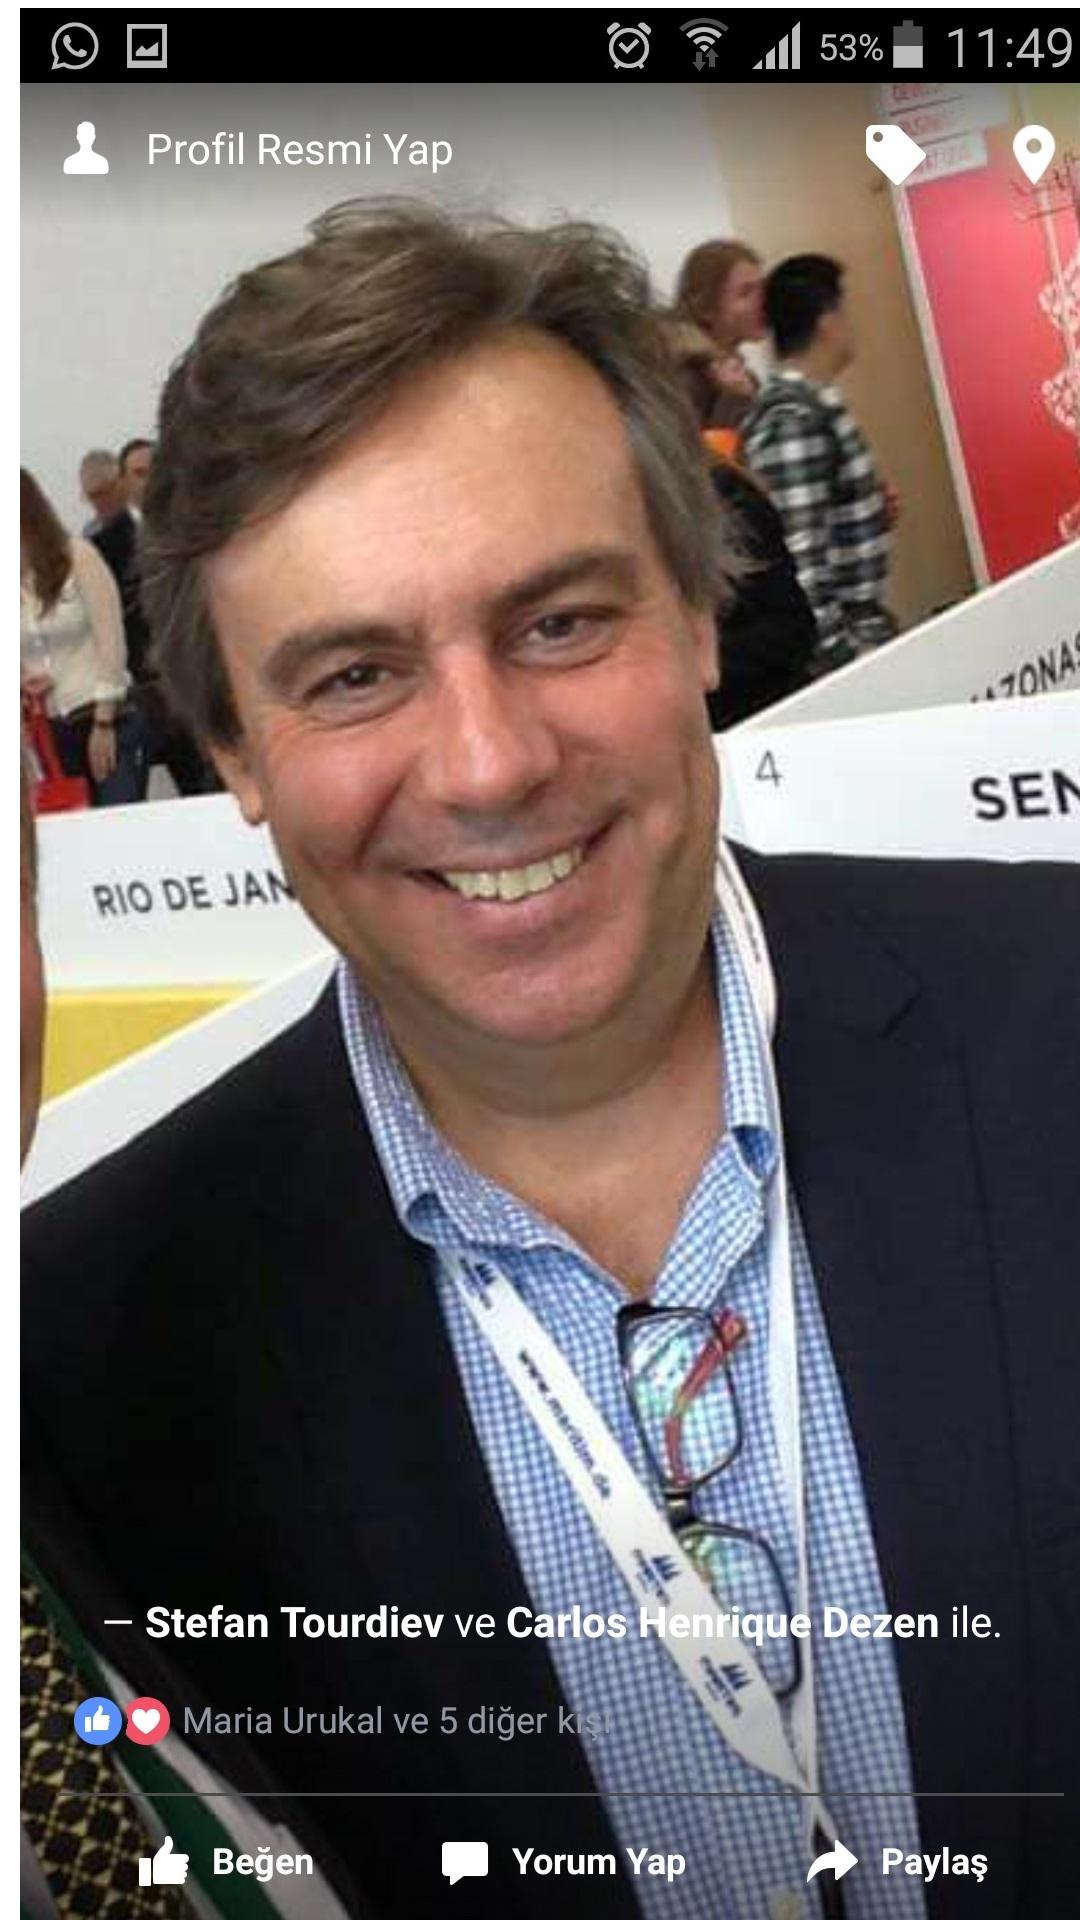 Stefan Tourdiev